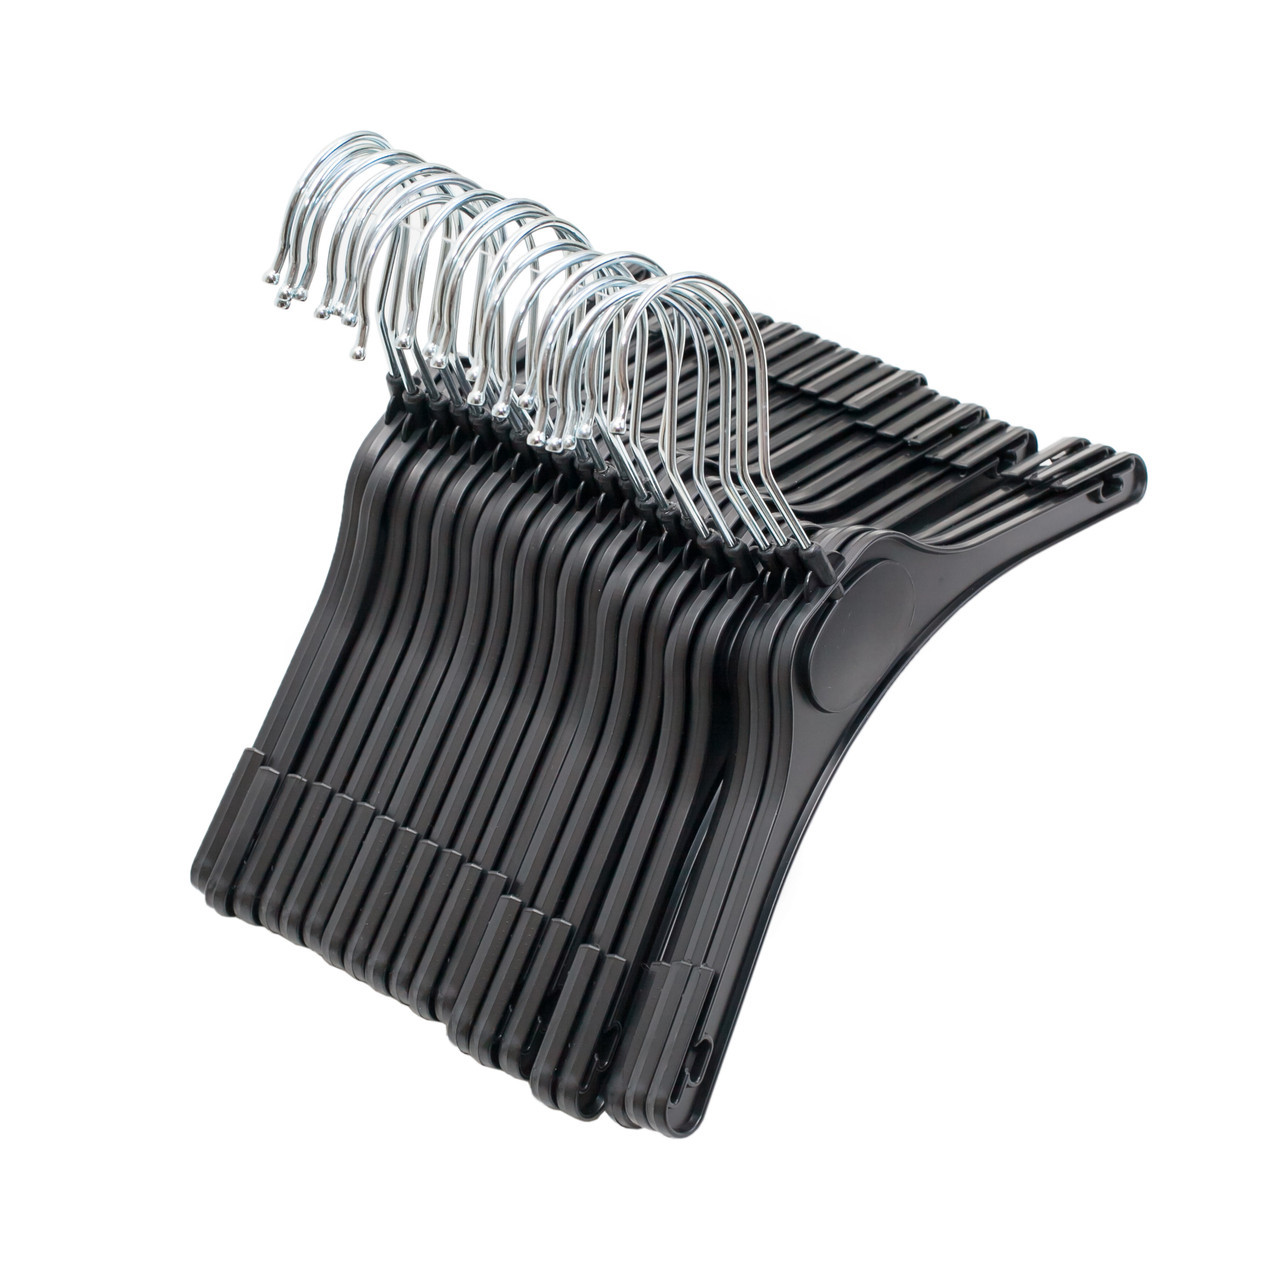 Детские вешалки плечики пластиковые черного цвета, 26см